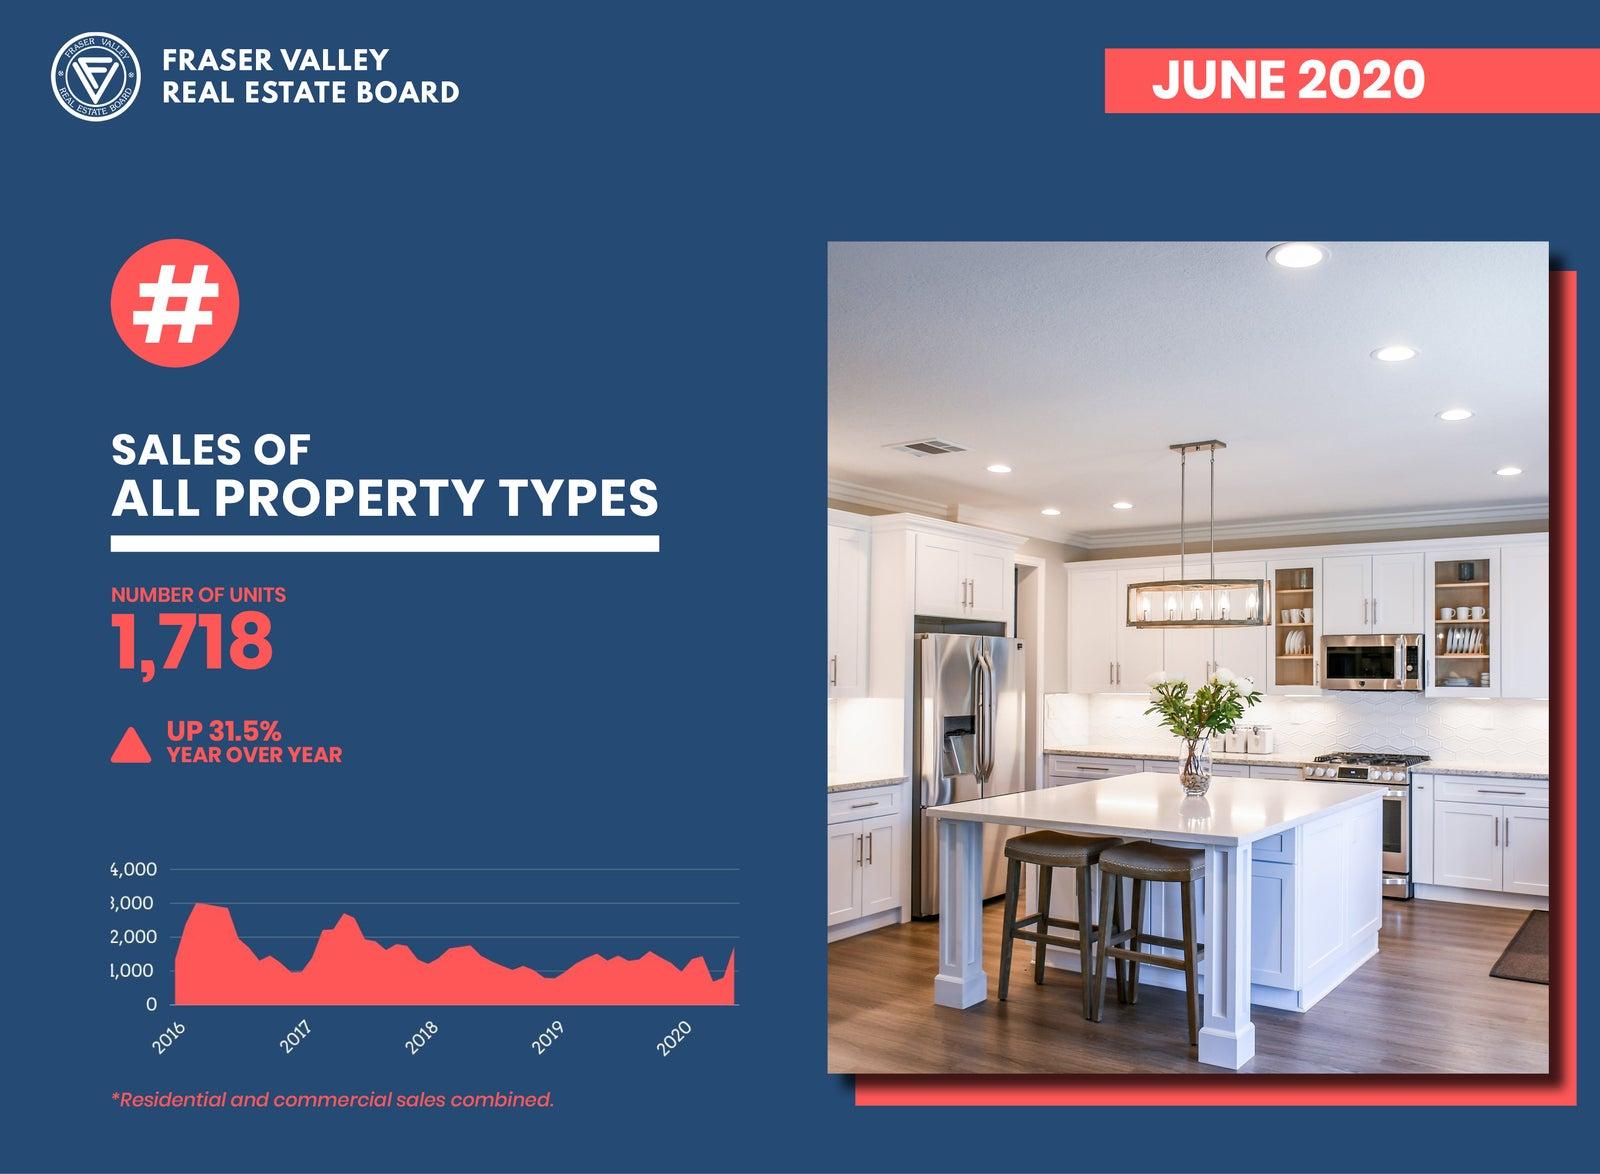 Sales - Fraser Valley Real Estate Board June 2020